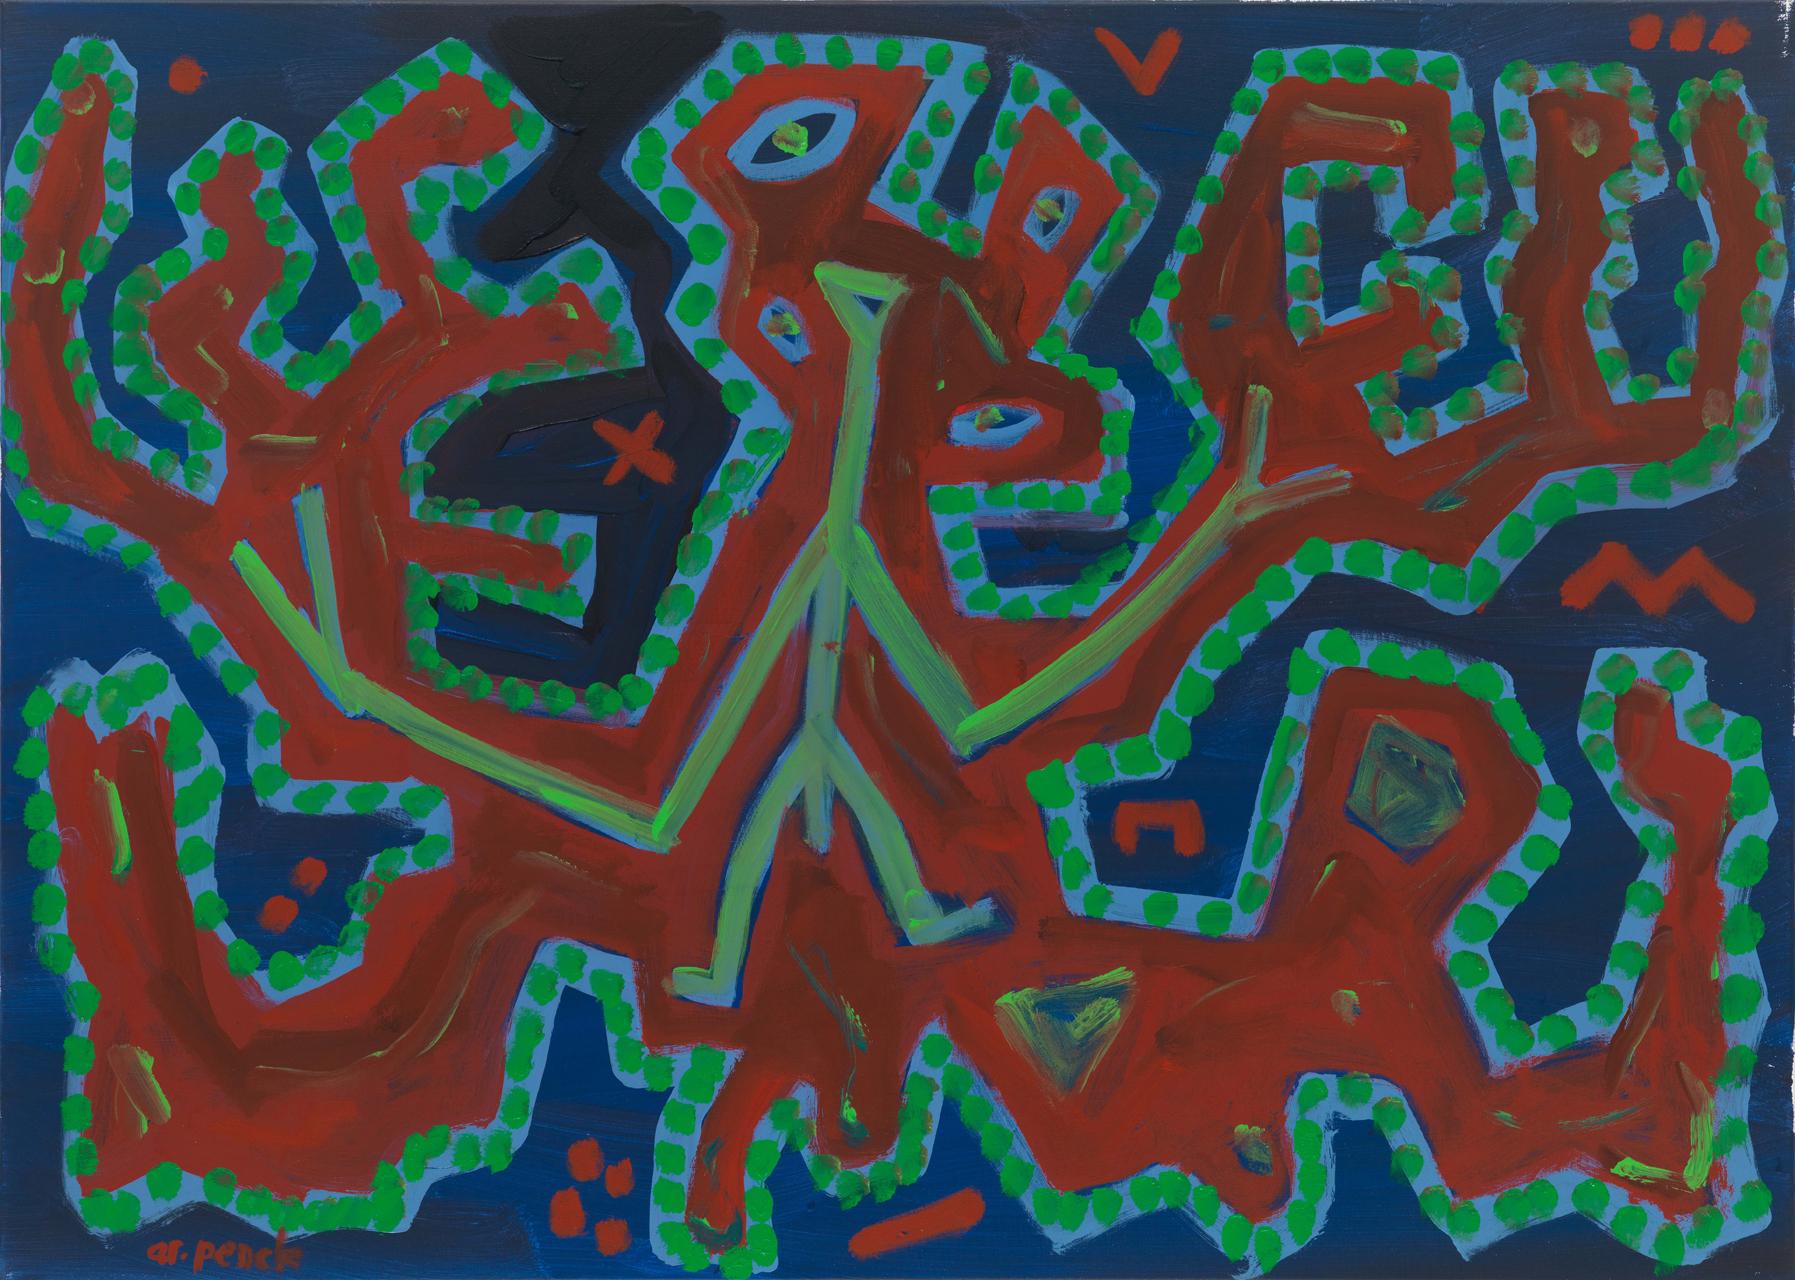 A.R. Penck, Ohne Titel, ca. 1995, Acryl auf Leinwand, 105 x 145 cm